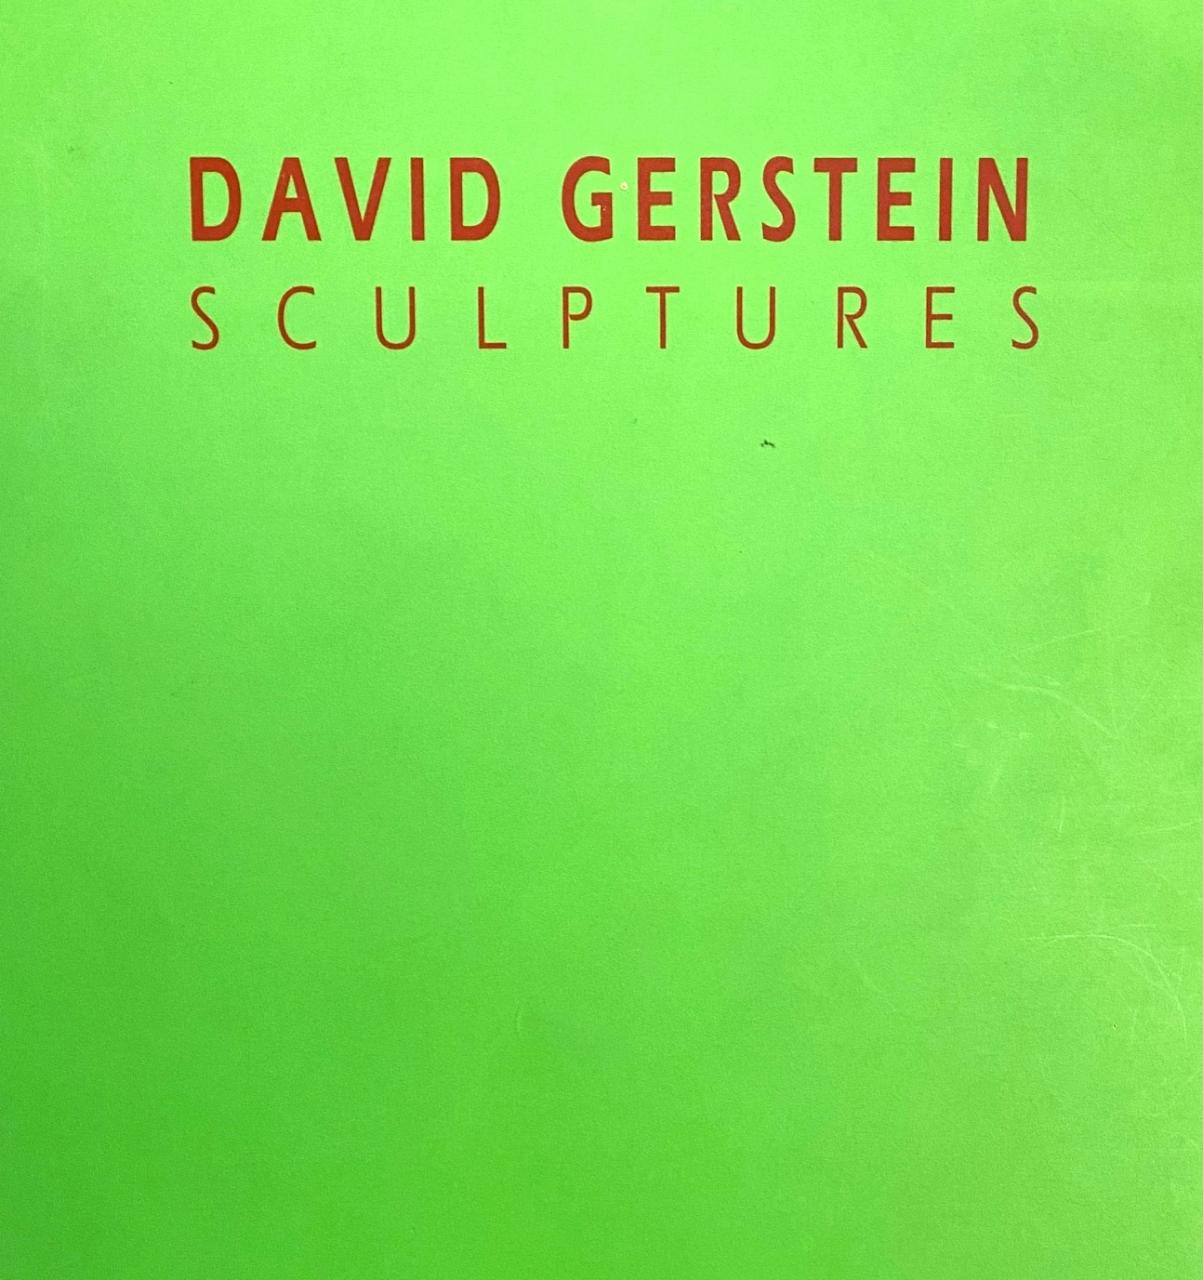 David Gerstein - Sculptures